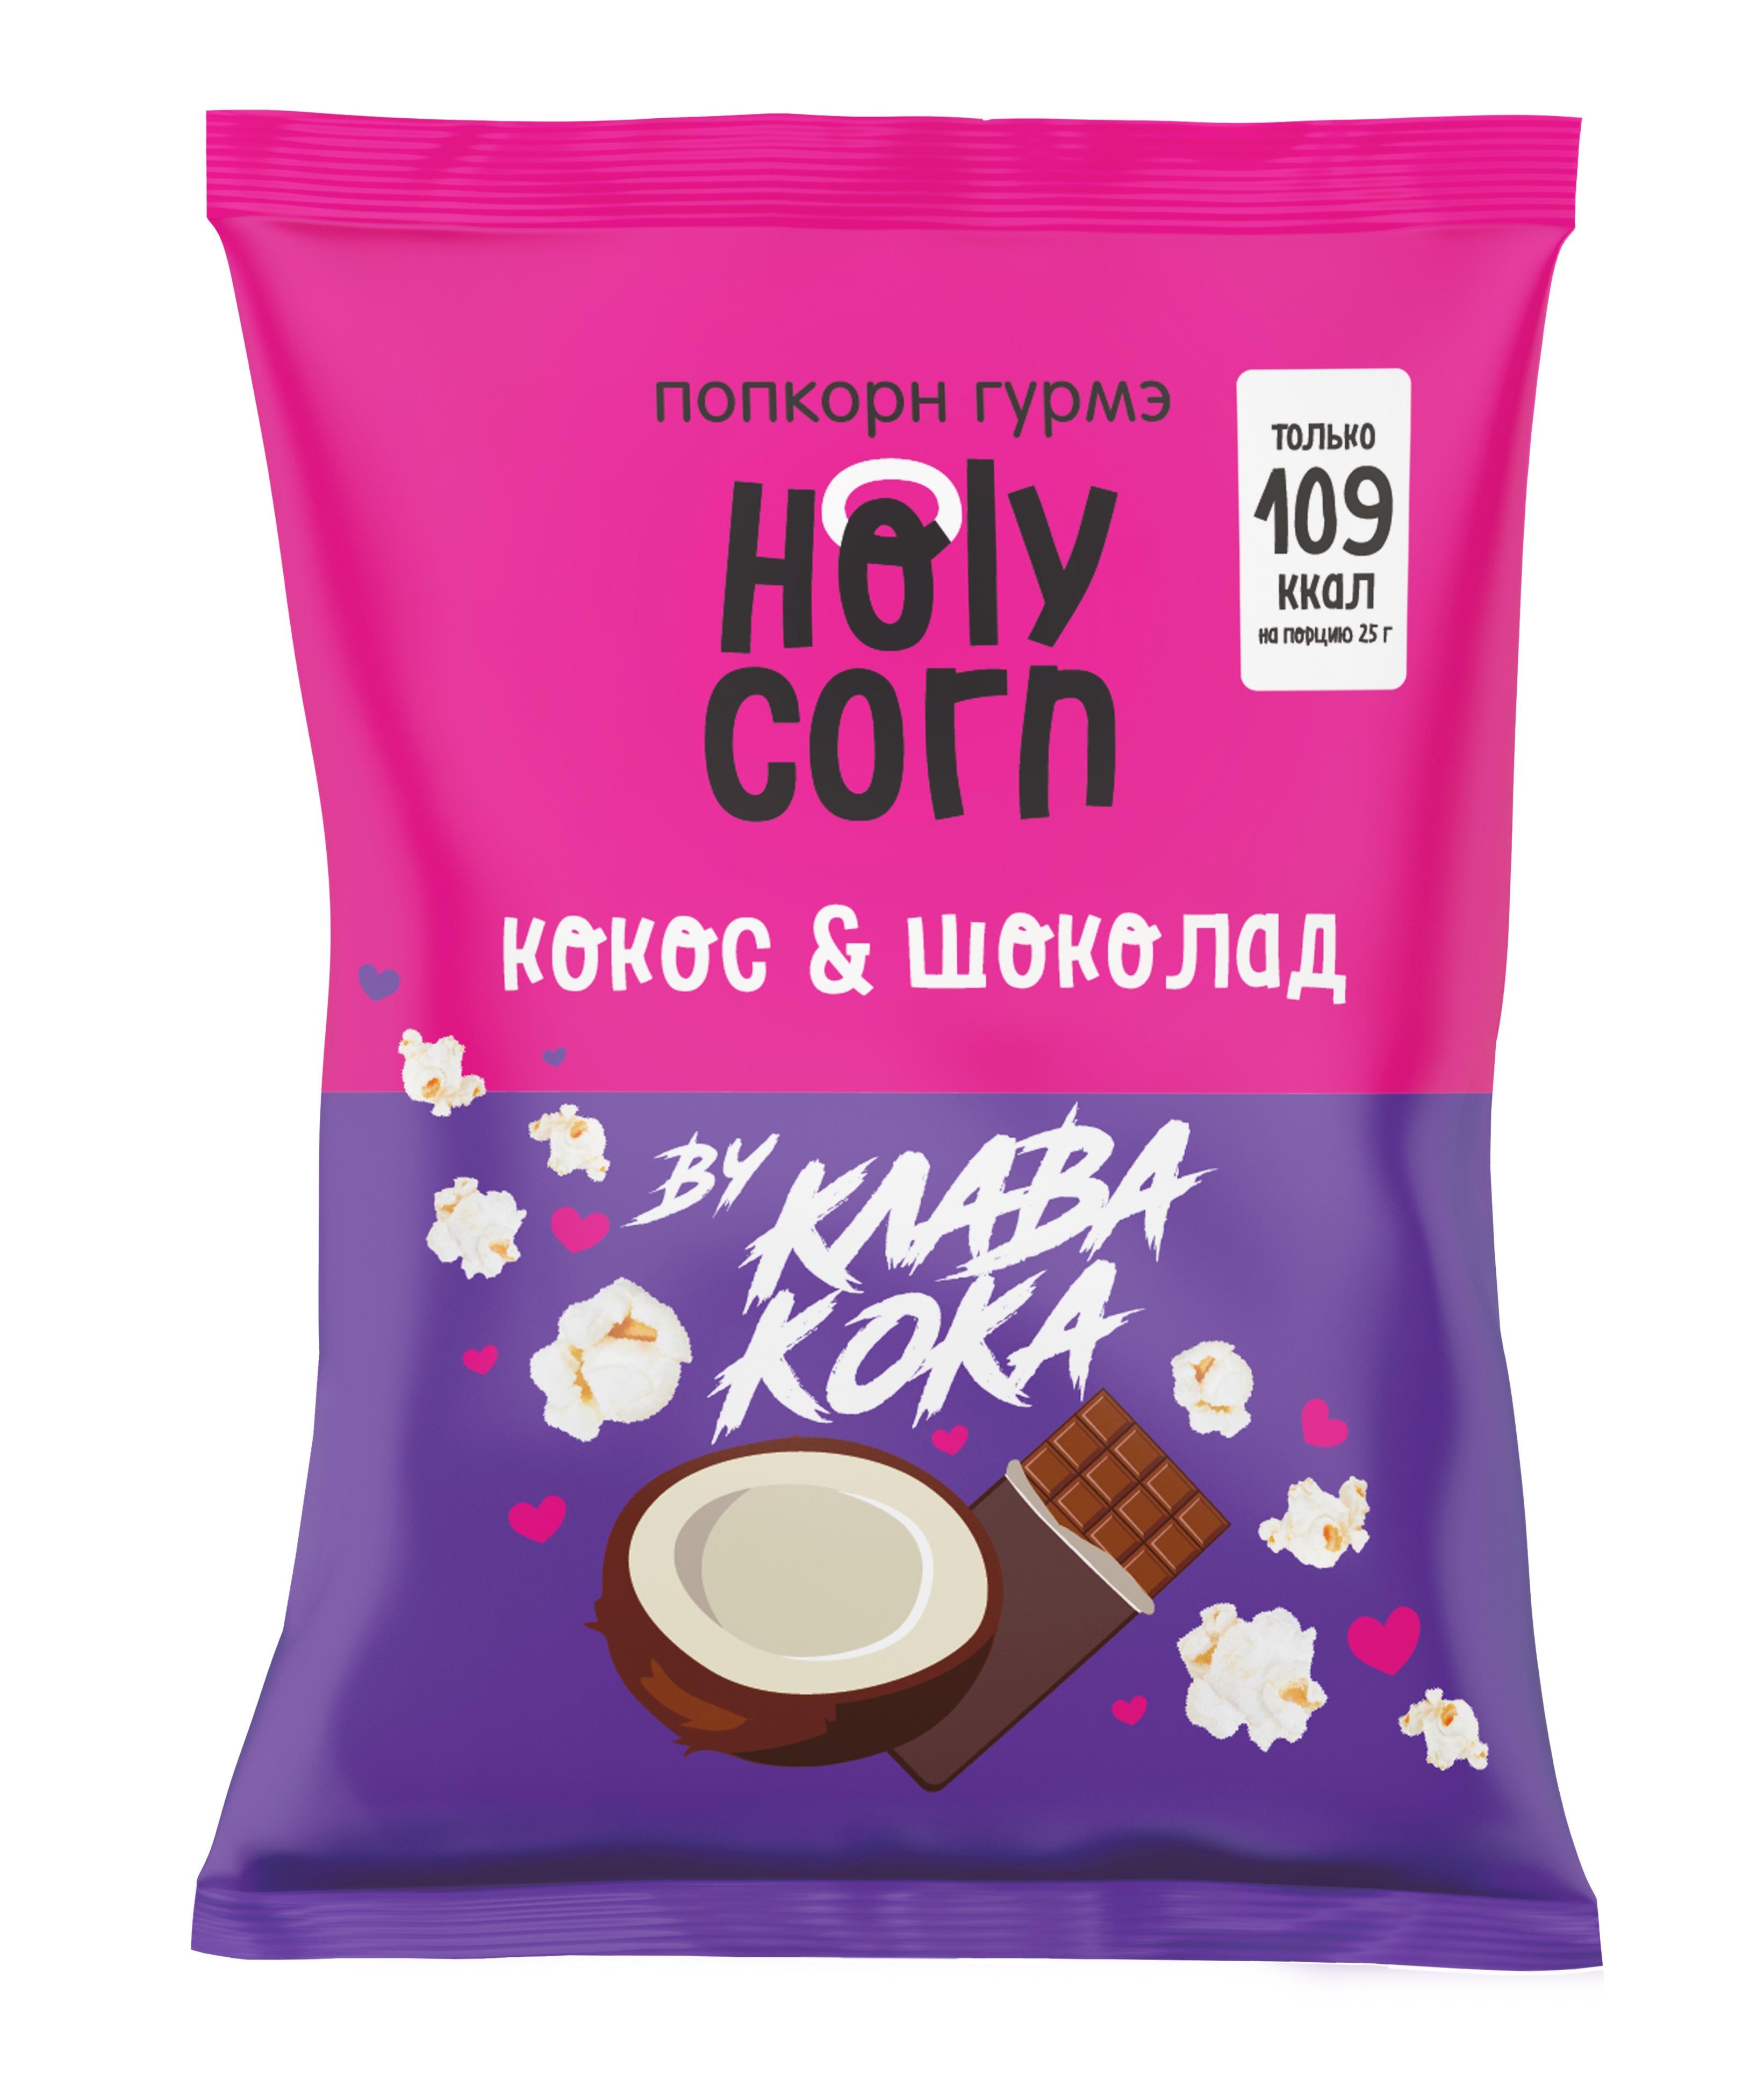 Попкорн Holy Corn кокос - шоколад 50 г, 20 шт, Кокос, Бельгийский шоколад, Шоколад, 50 попкорн holy corn кокос шоколад 50 г 20 шт кокос бельгийский шоколад шоколад 50